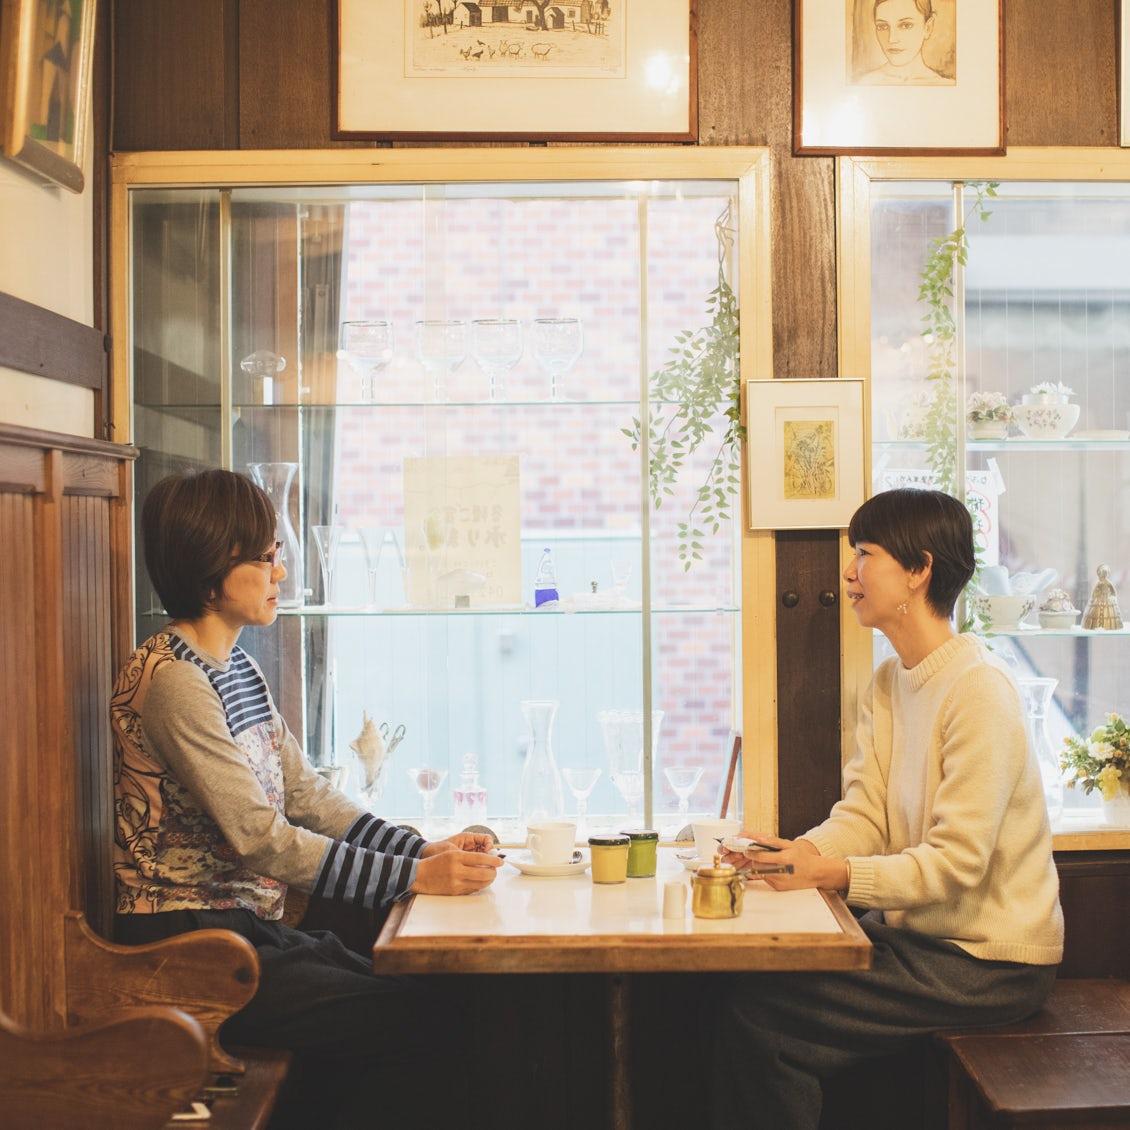 【店長佐藤 ×『かもめ食堂』の監督 荻上直子さん】ままならなさも肯定したい。子育ての日々を描いた新作ショートムービーについて語りました